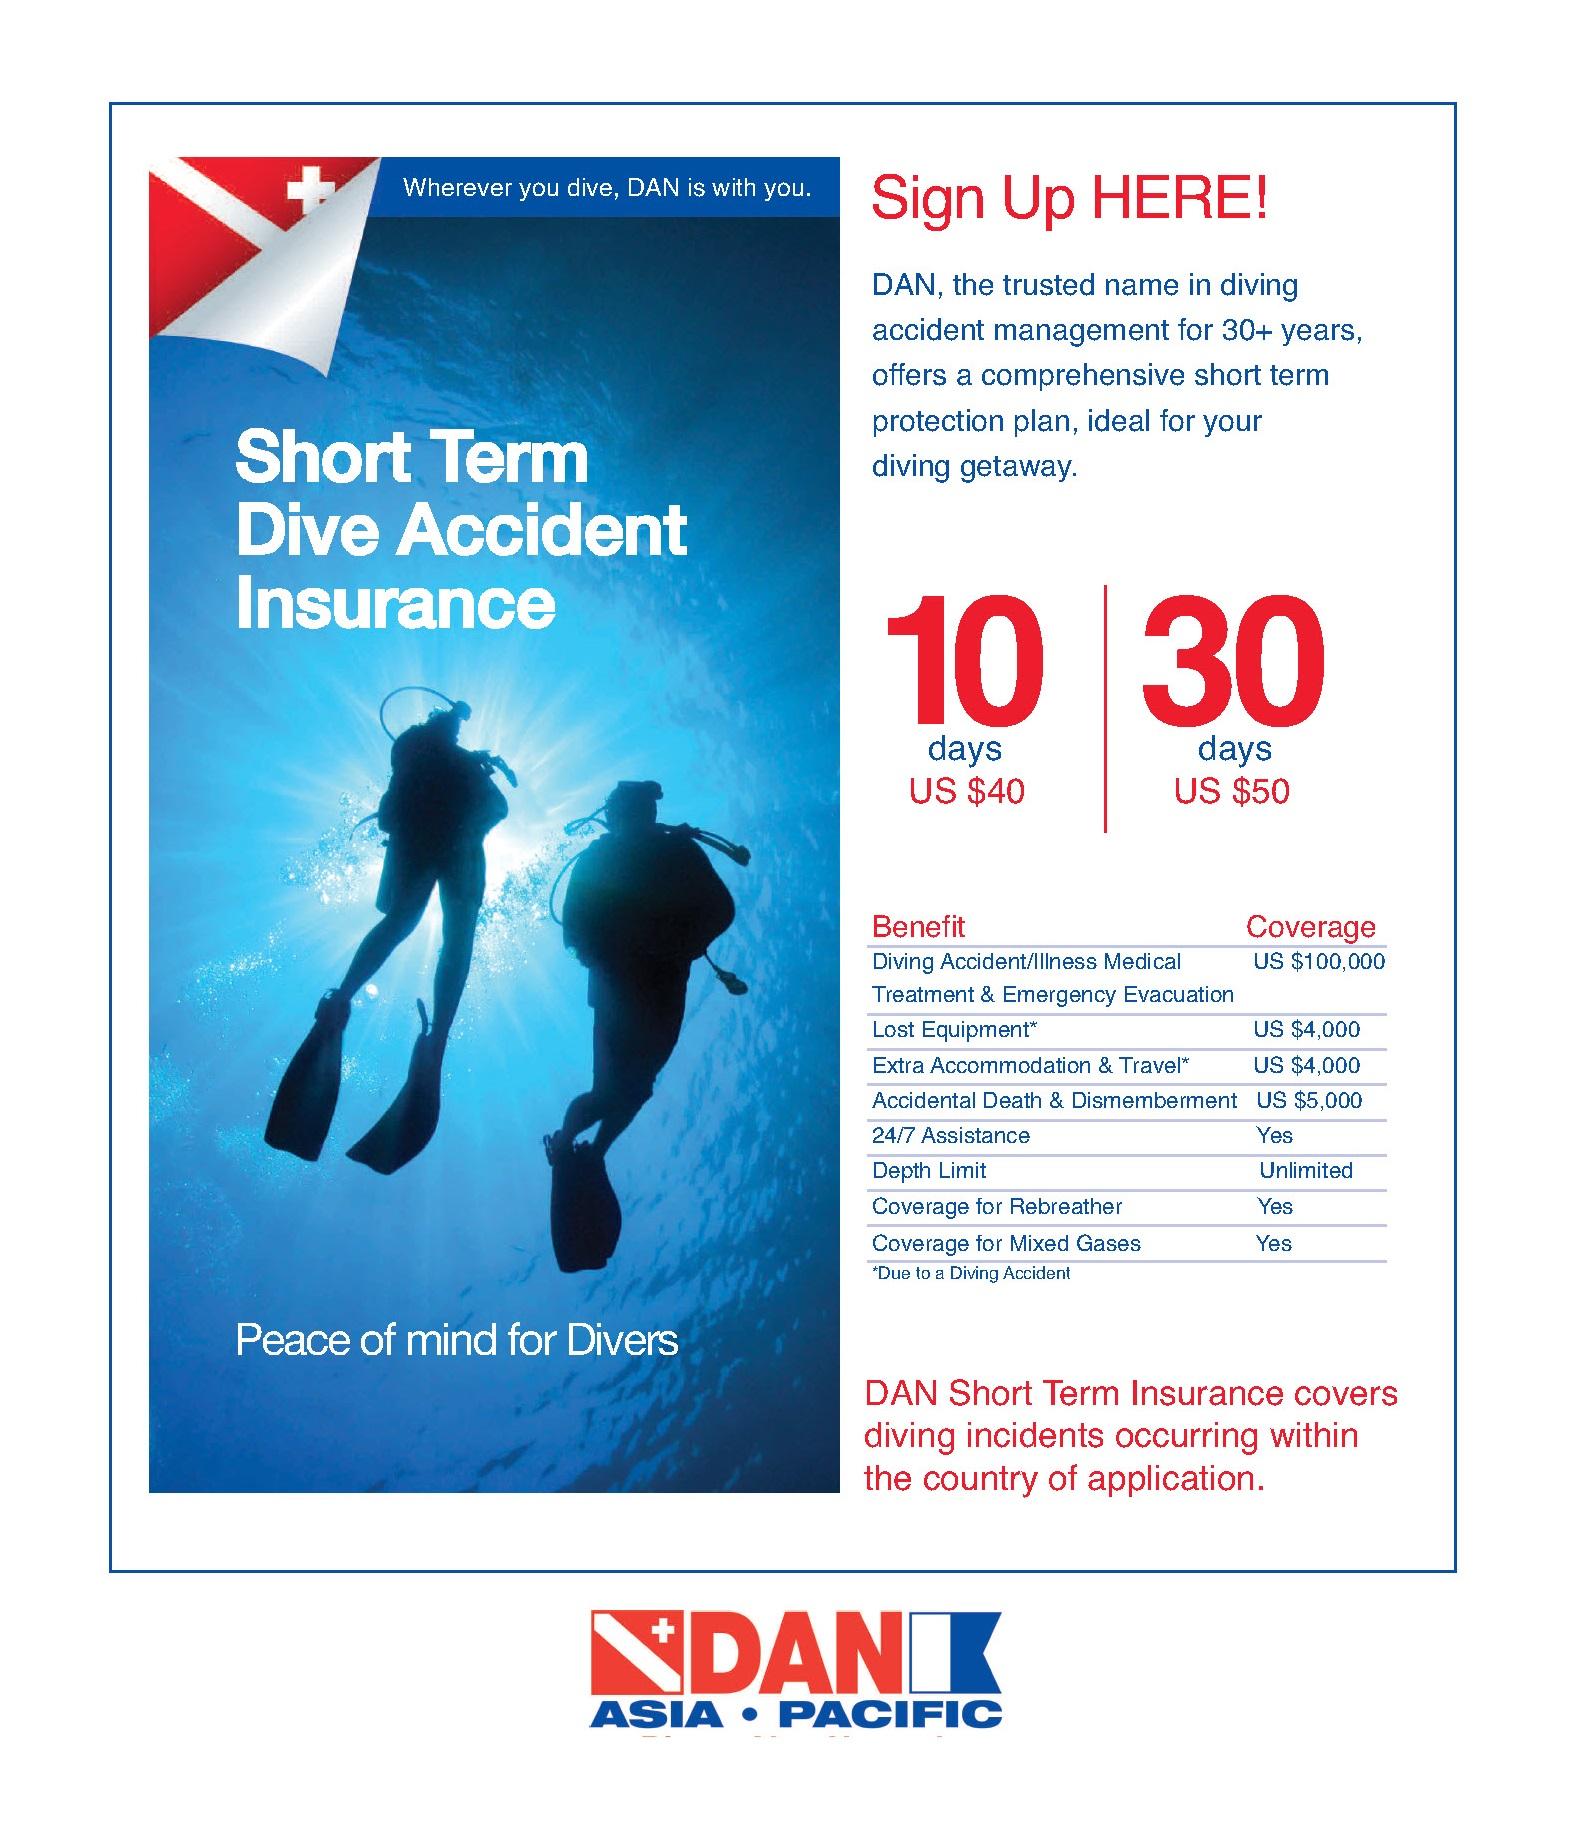 DAN Insurance